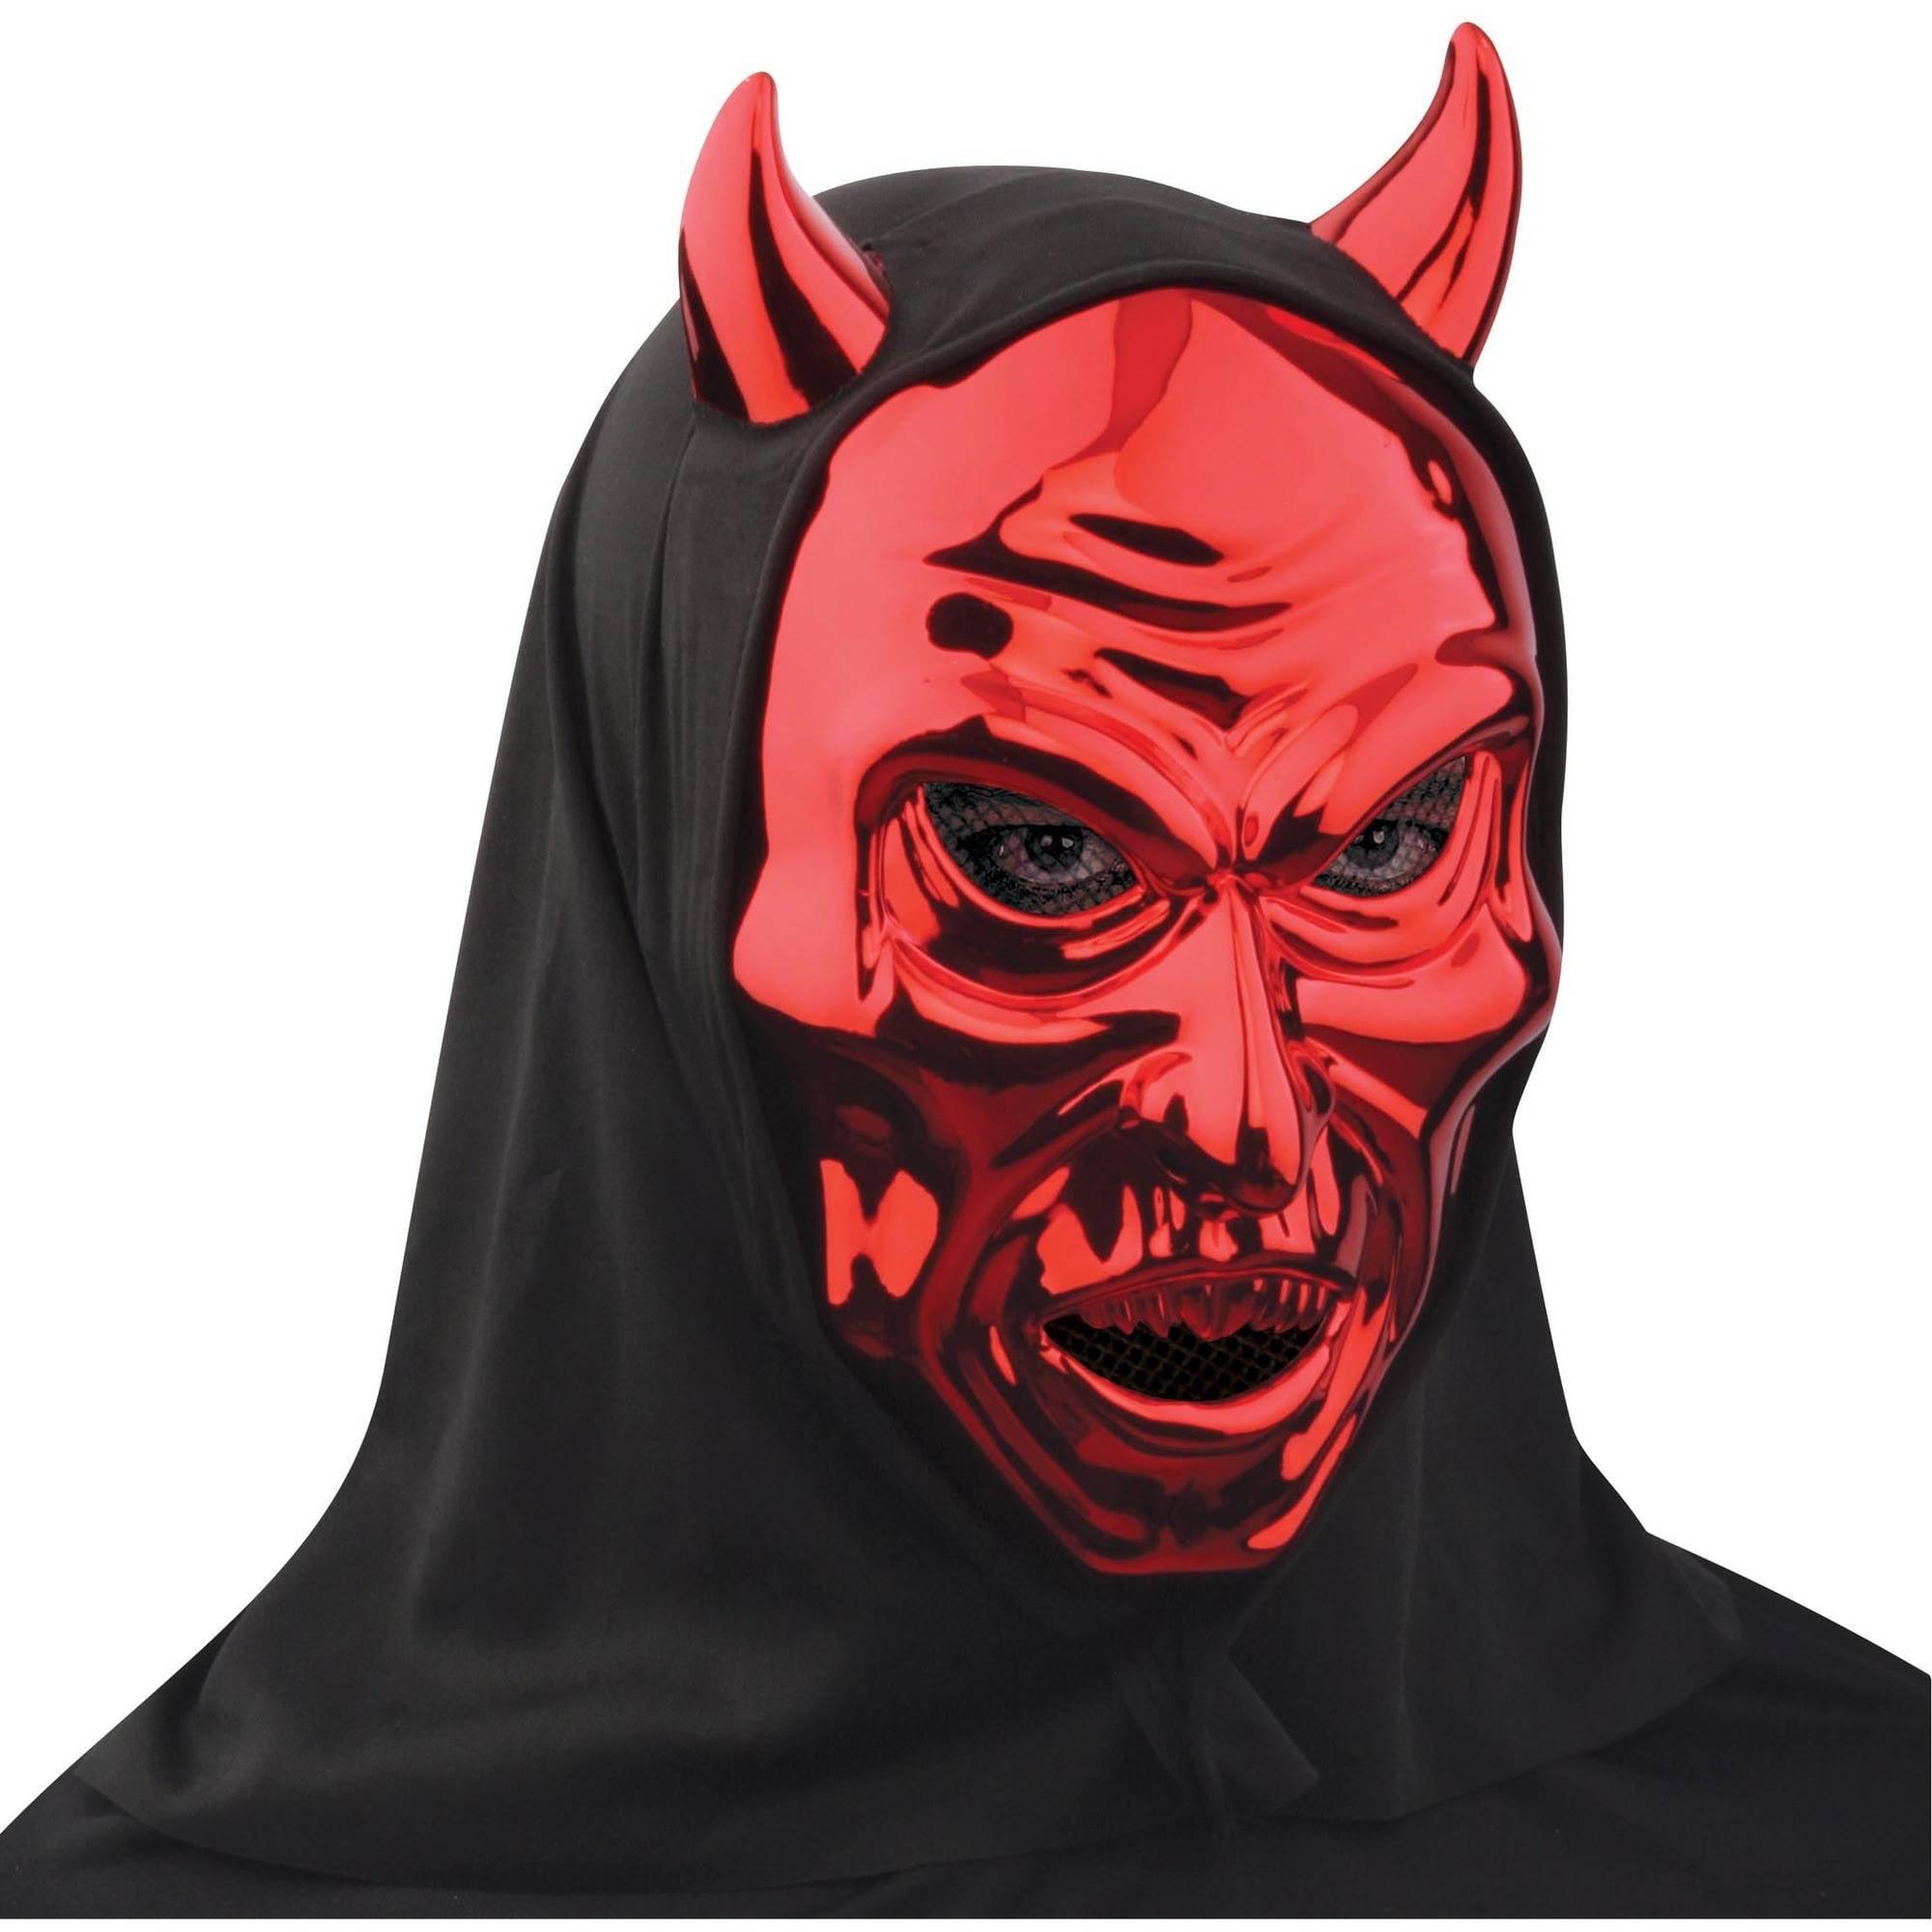 Halloween Masks - Walmart.com